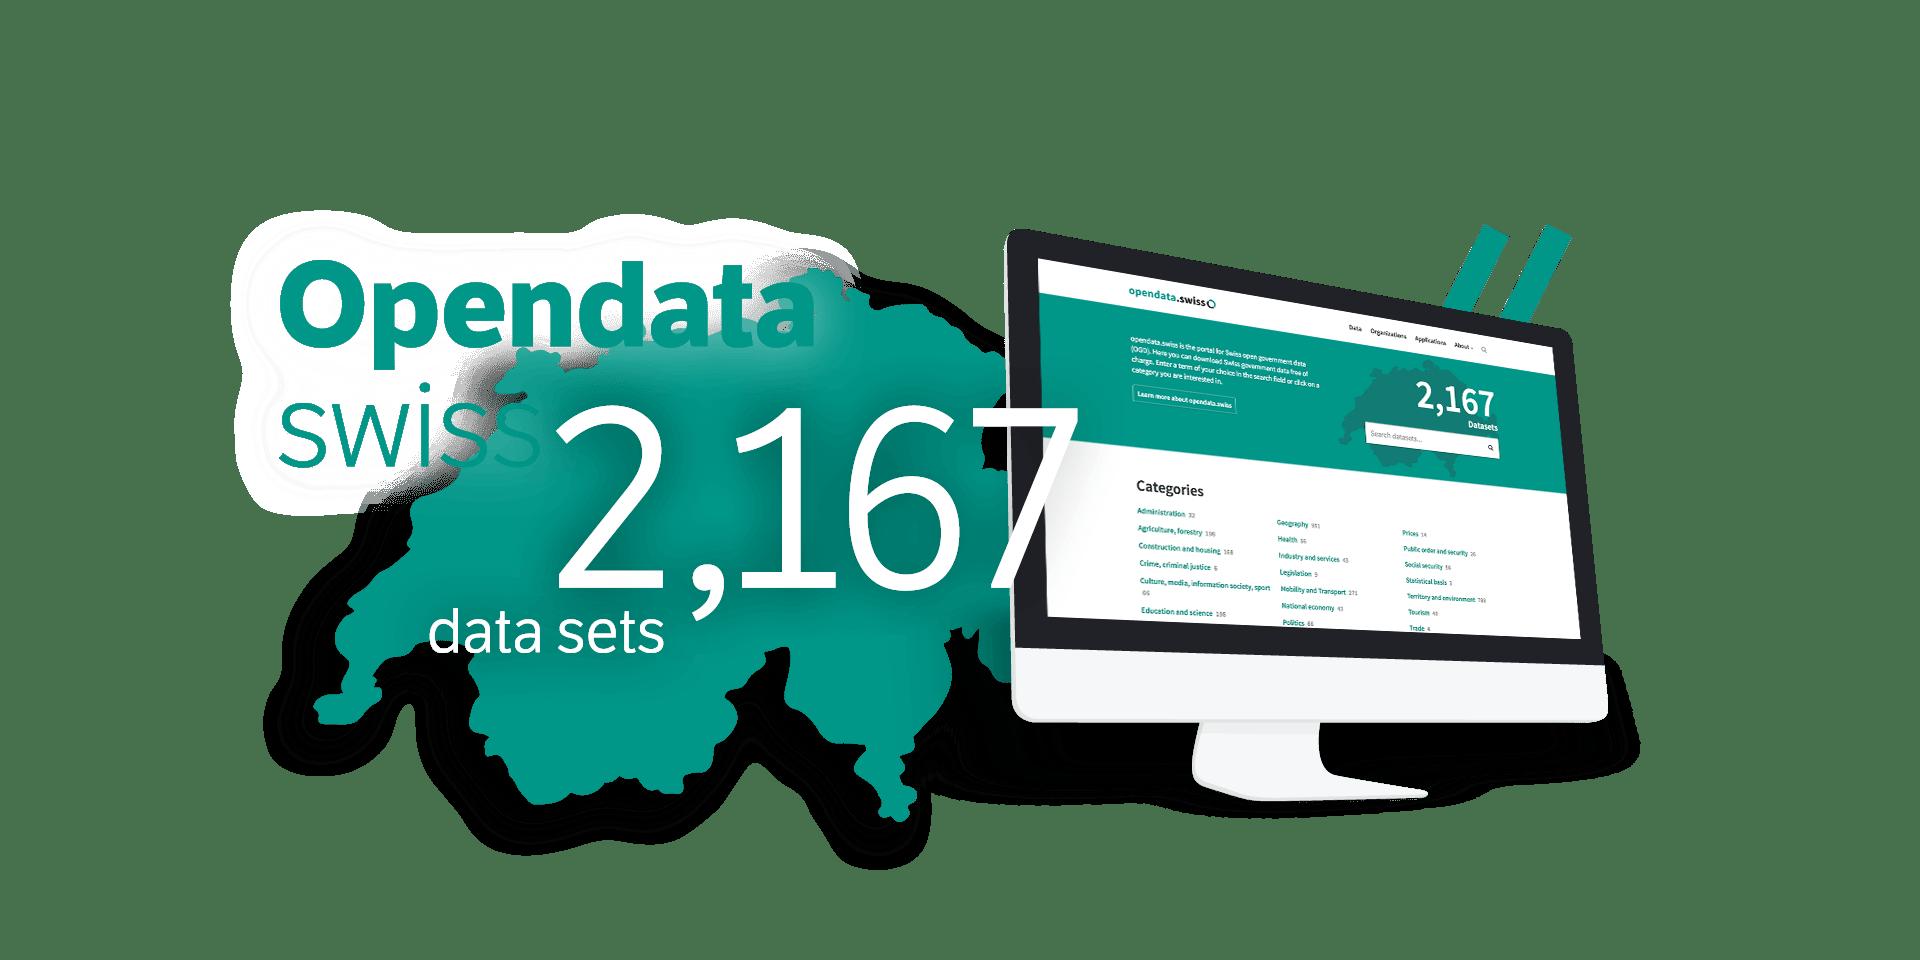 optendata-header.png